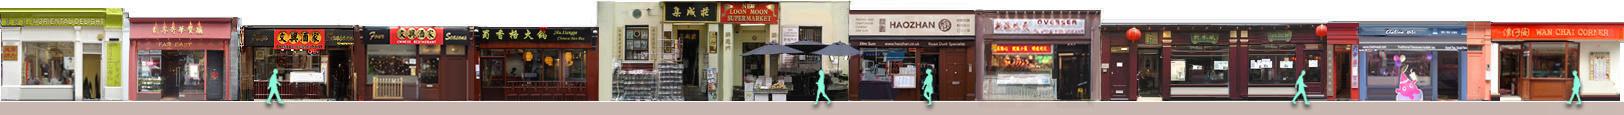 Gerrard Street restaurants